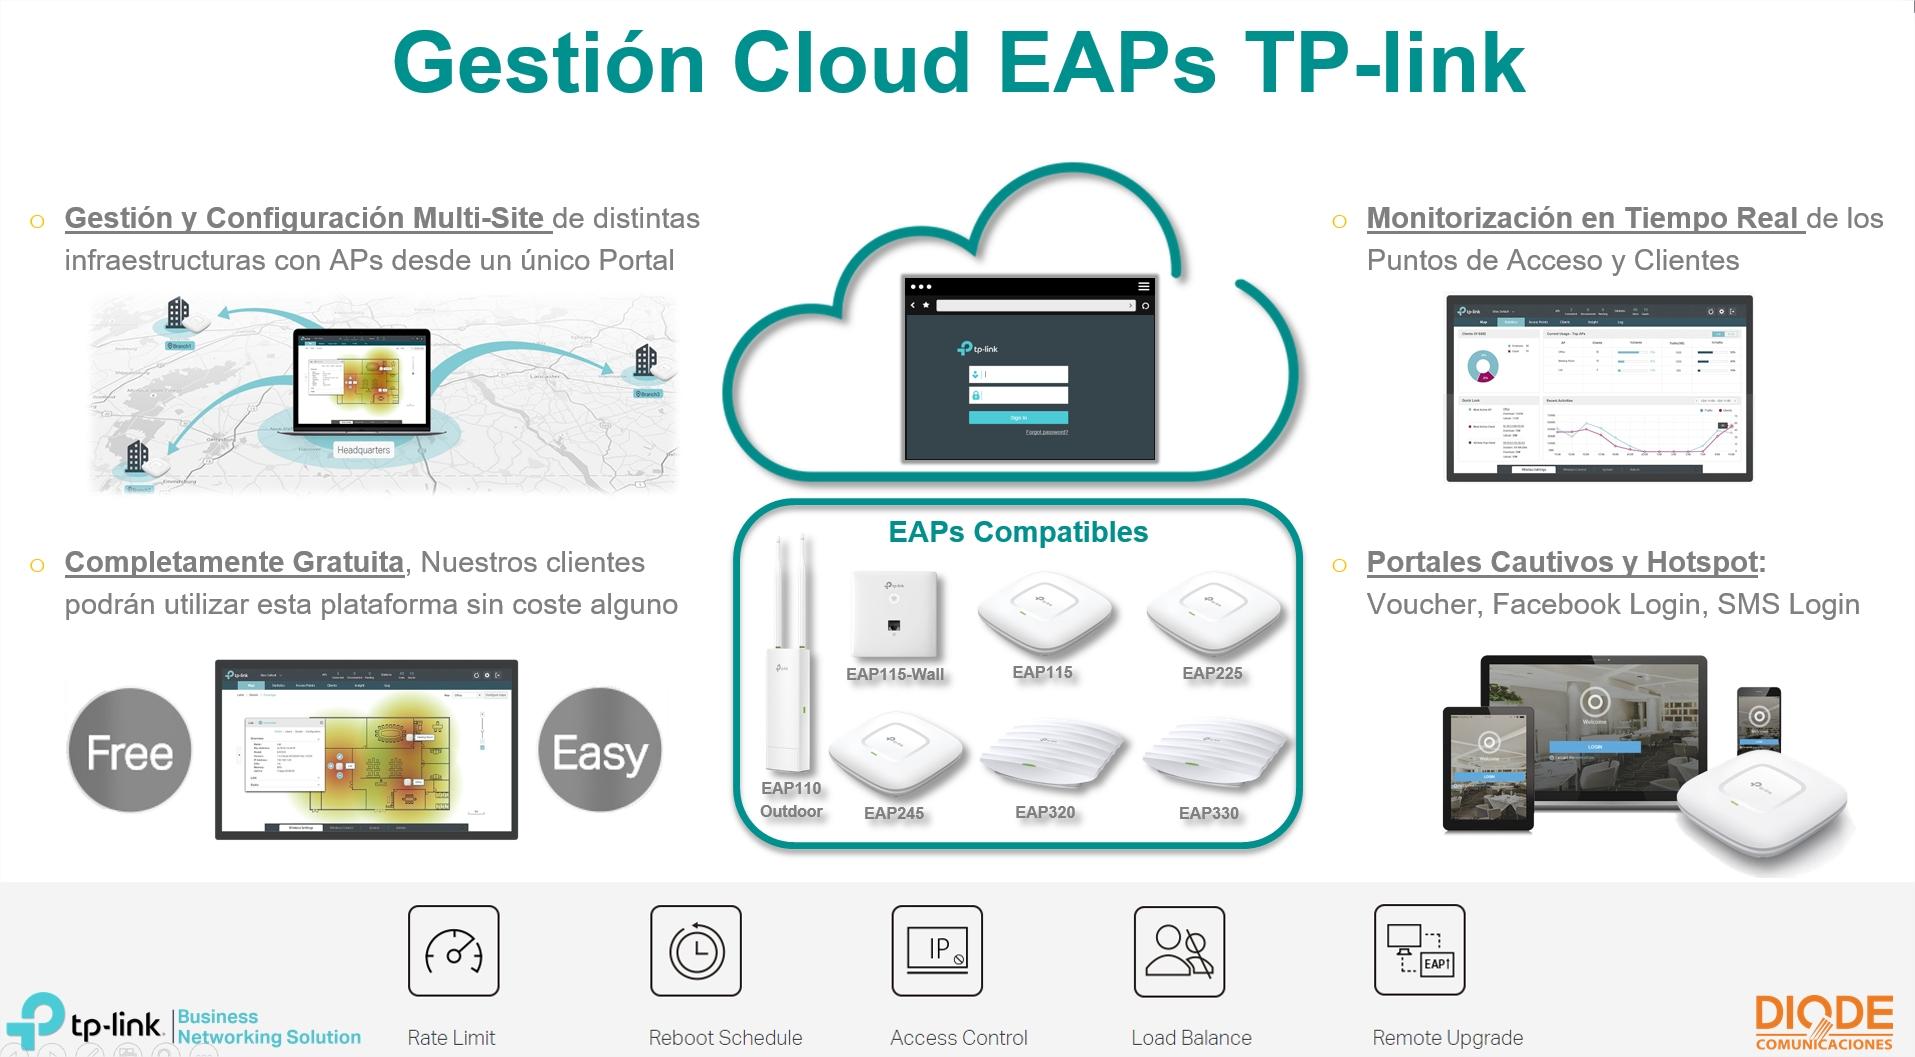 Webinar Diode: WiFi TP-Link - Nueva Solución Cloud